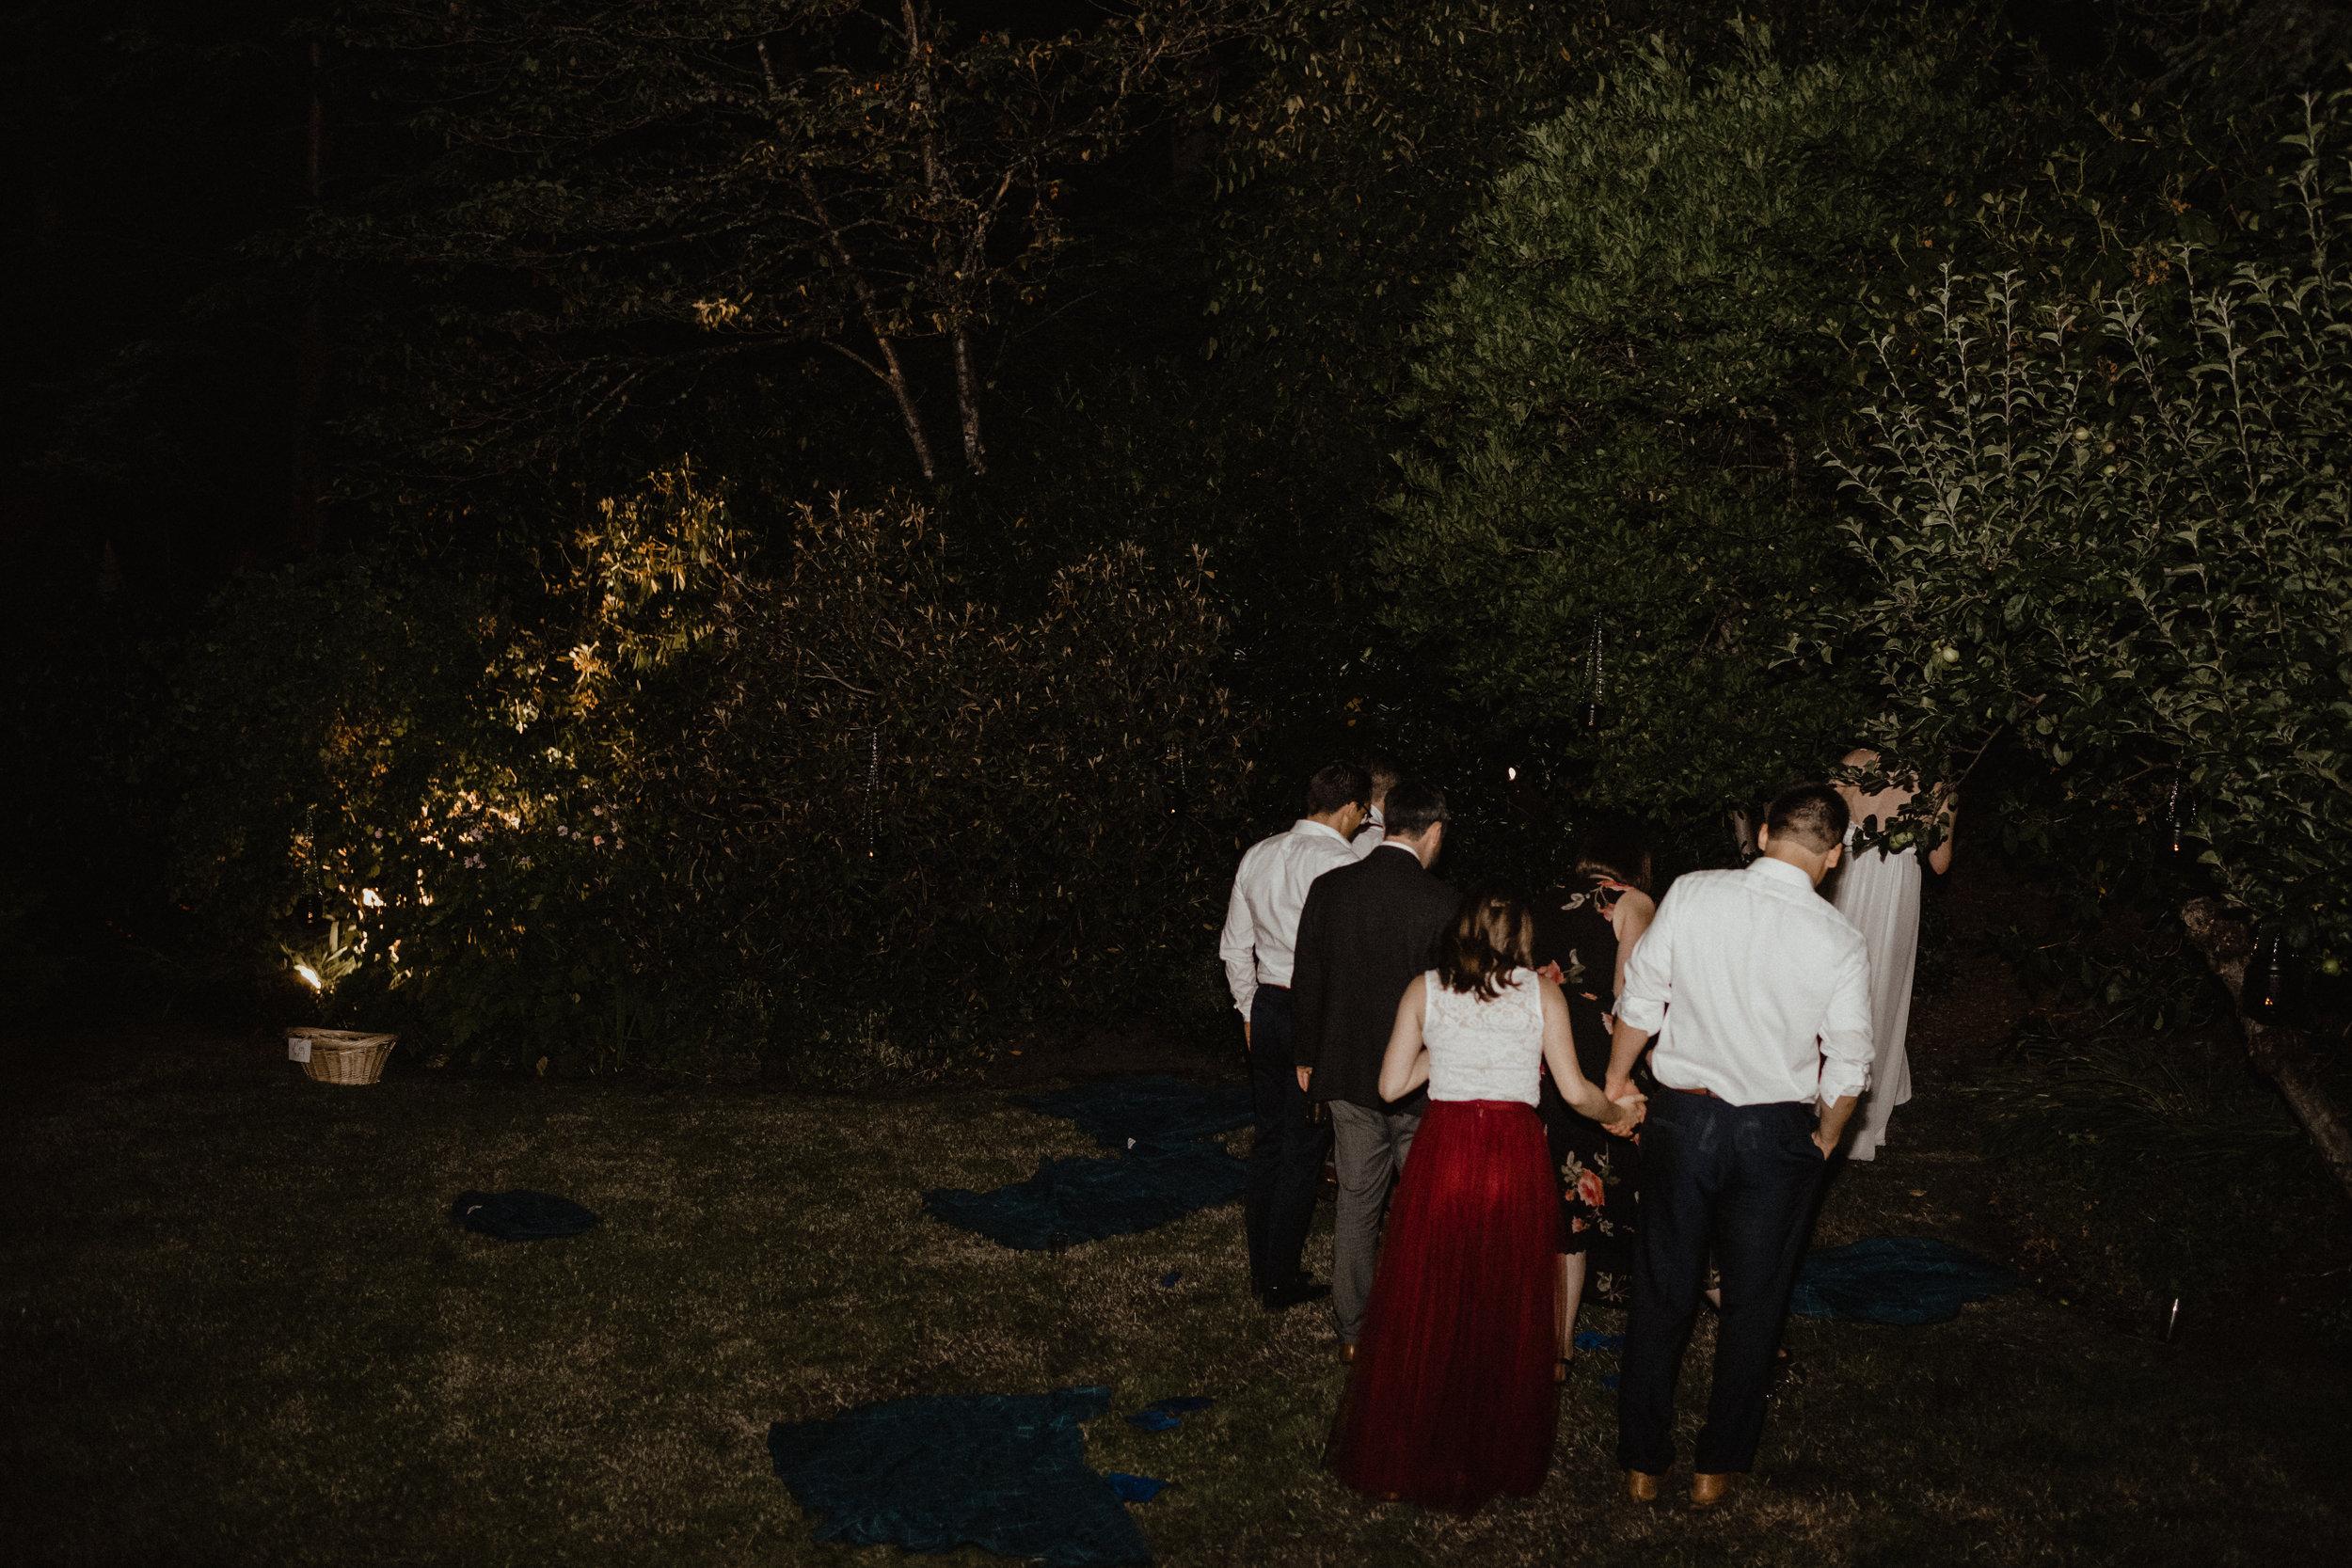 west-vancouver-backyard-wedding-330.jpg